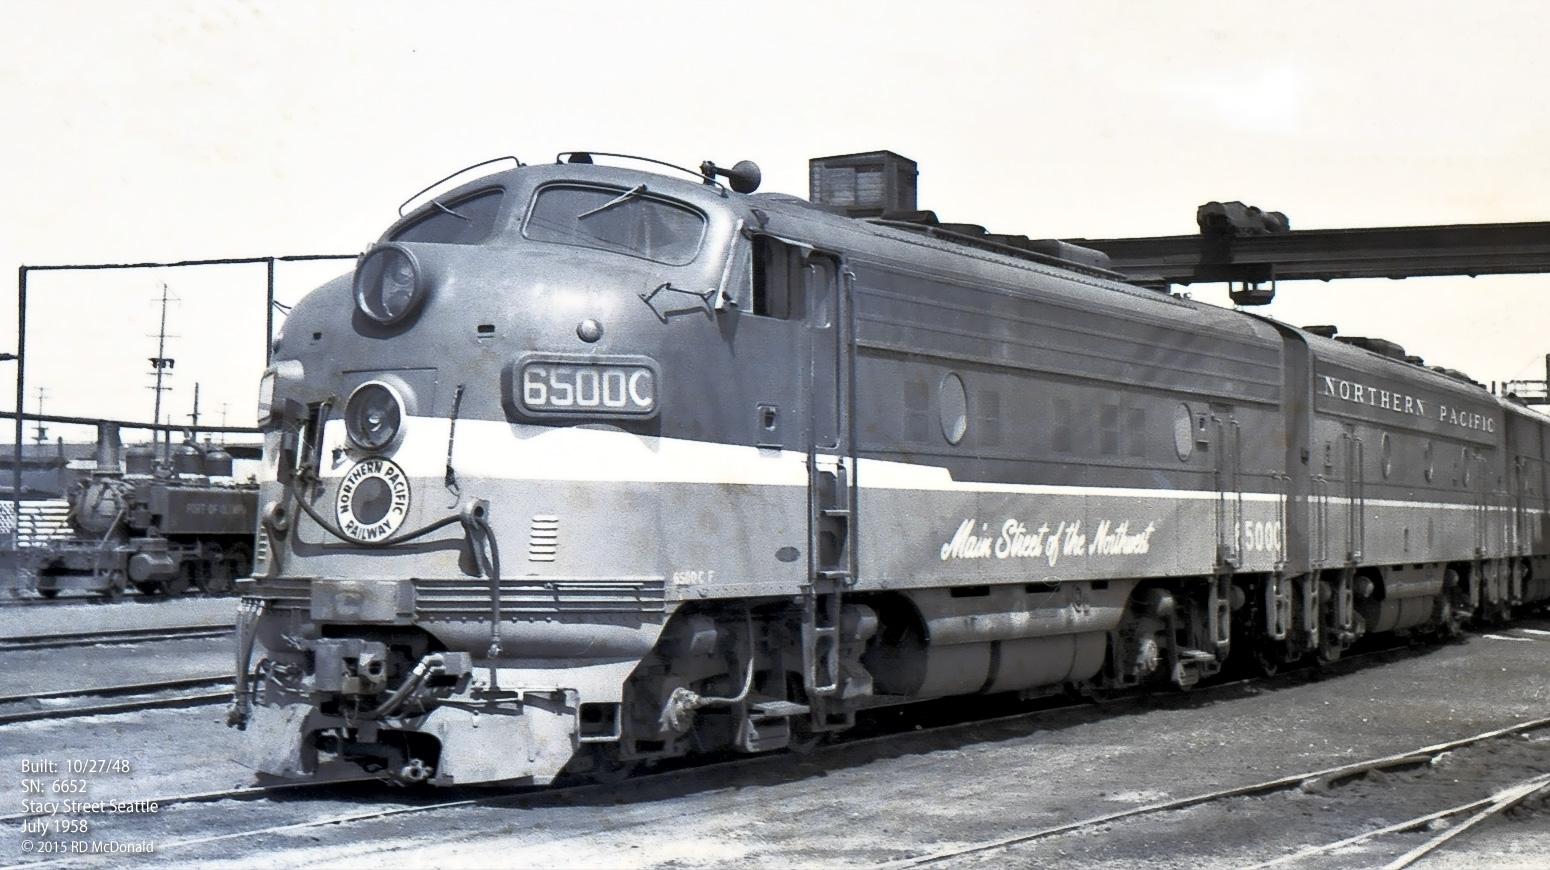 Постеры со старыми поездами